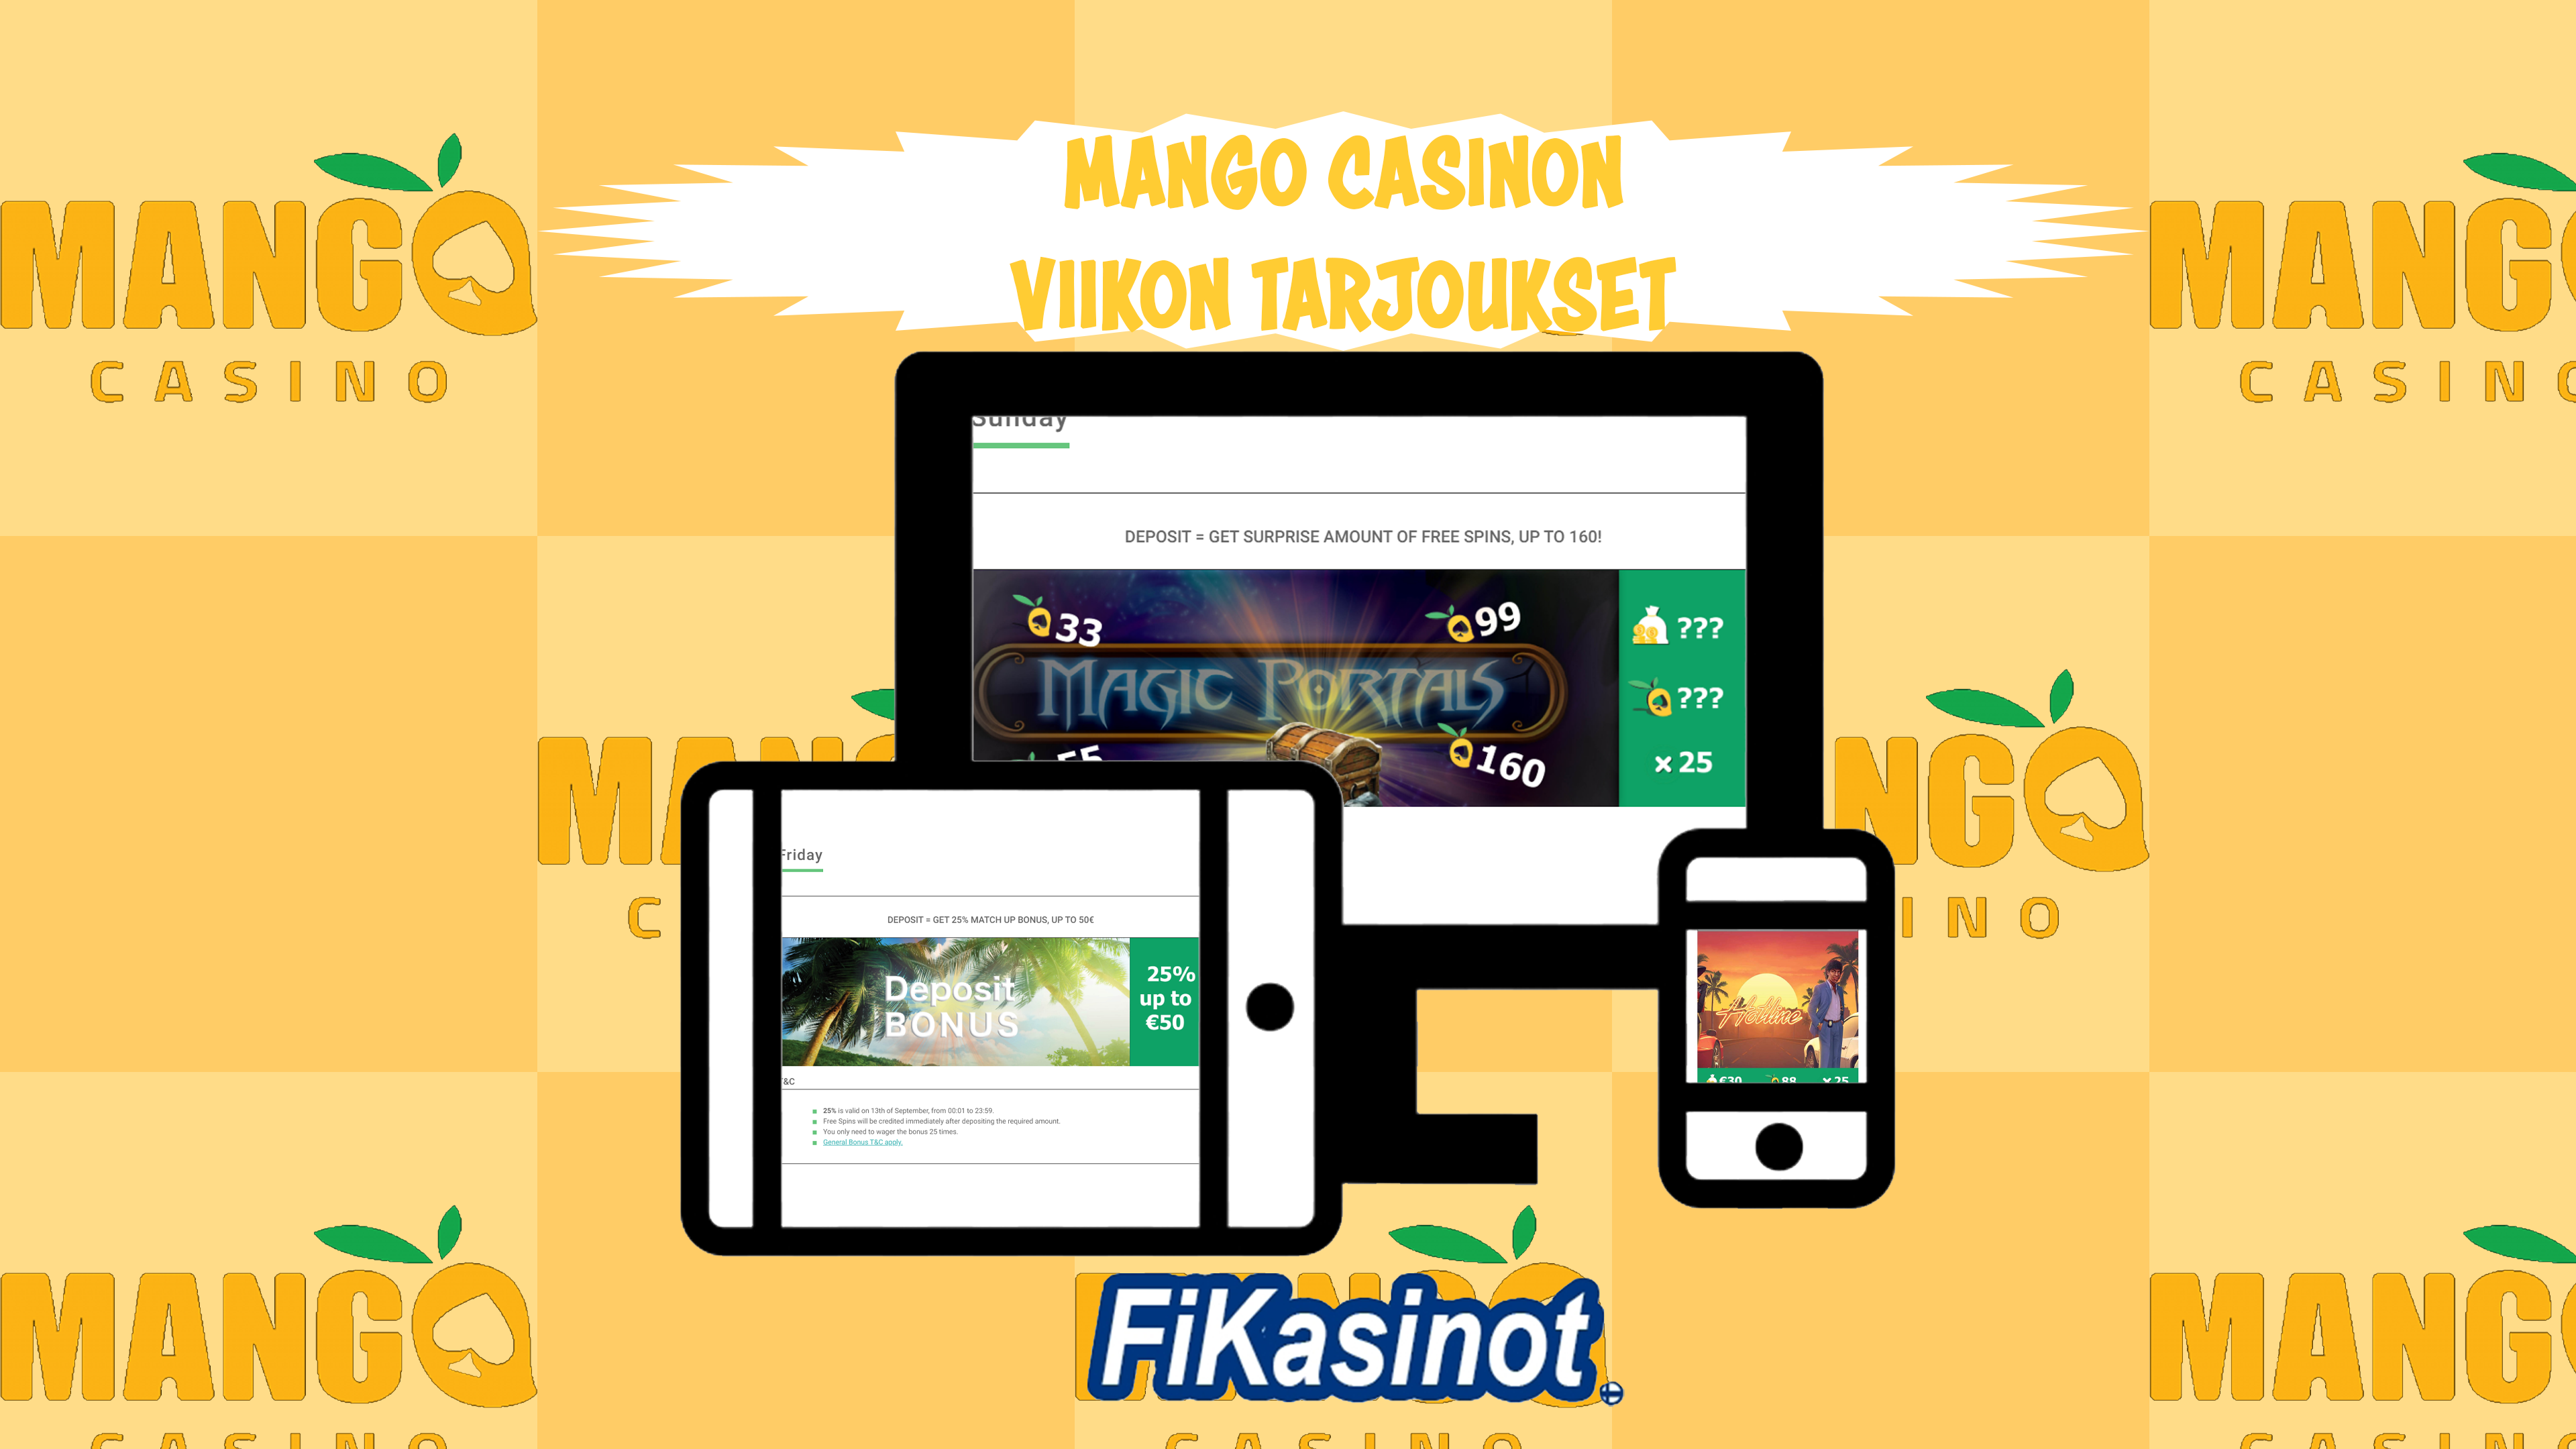 Mango Casinon viikoittaiset tarjoukset